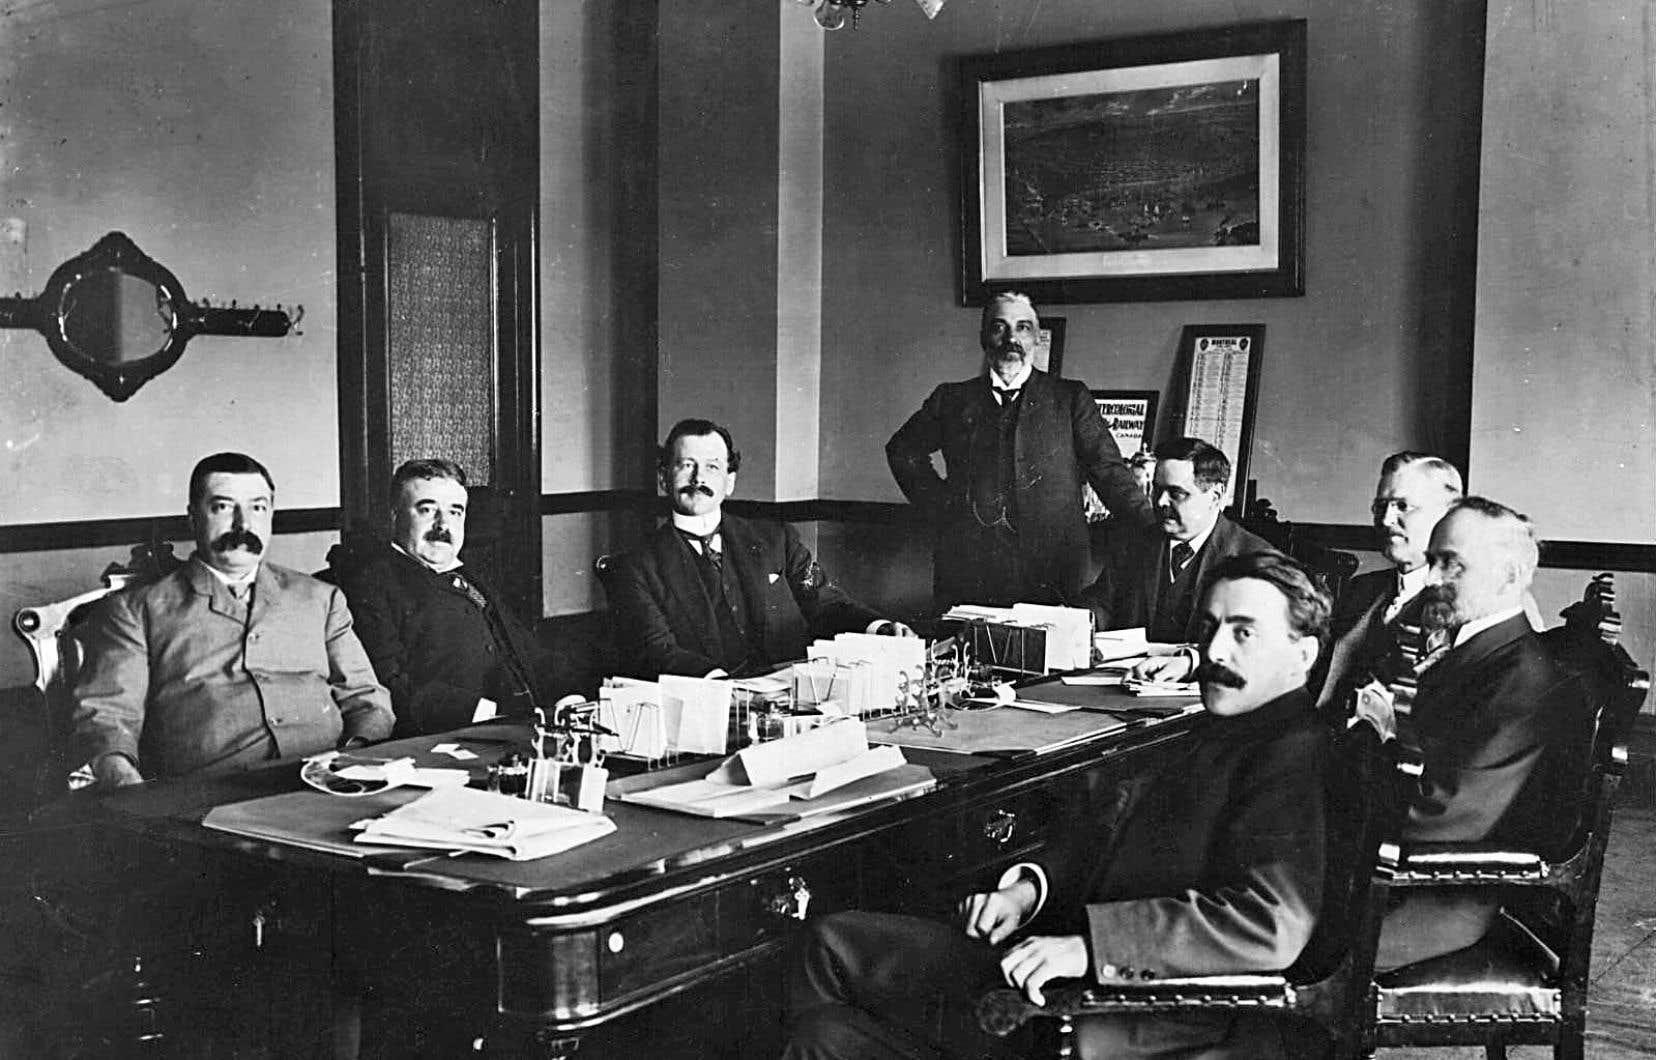 Le premier ministre Lomer Gouin, assis au bout de la table, avec l'ensemble du Conseil des ministres québécois en 1905. À partir de la gauche : Jules Allard, Louis-Rodolphe Roy, Adélard Turgeon, W. A. Weir, Lomer Gouin, J.C. McCorkill, Auguste Tessier et Jean Prévost.